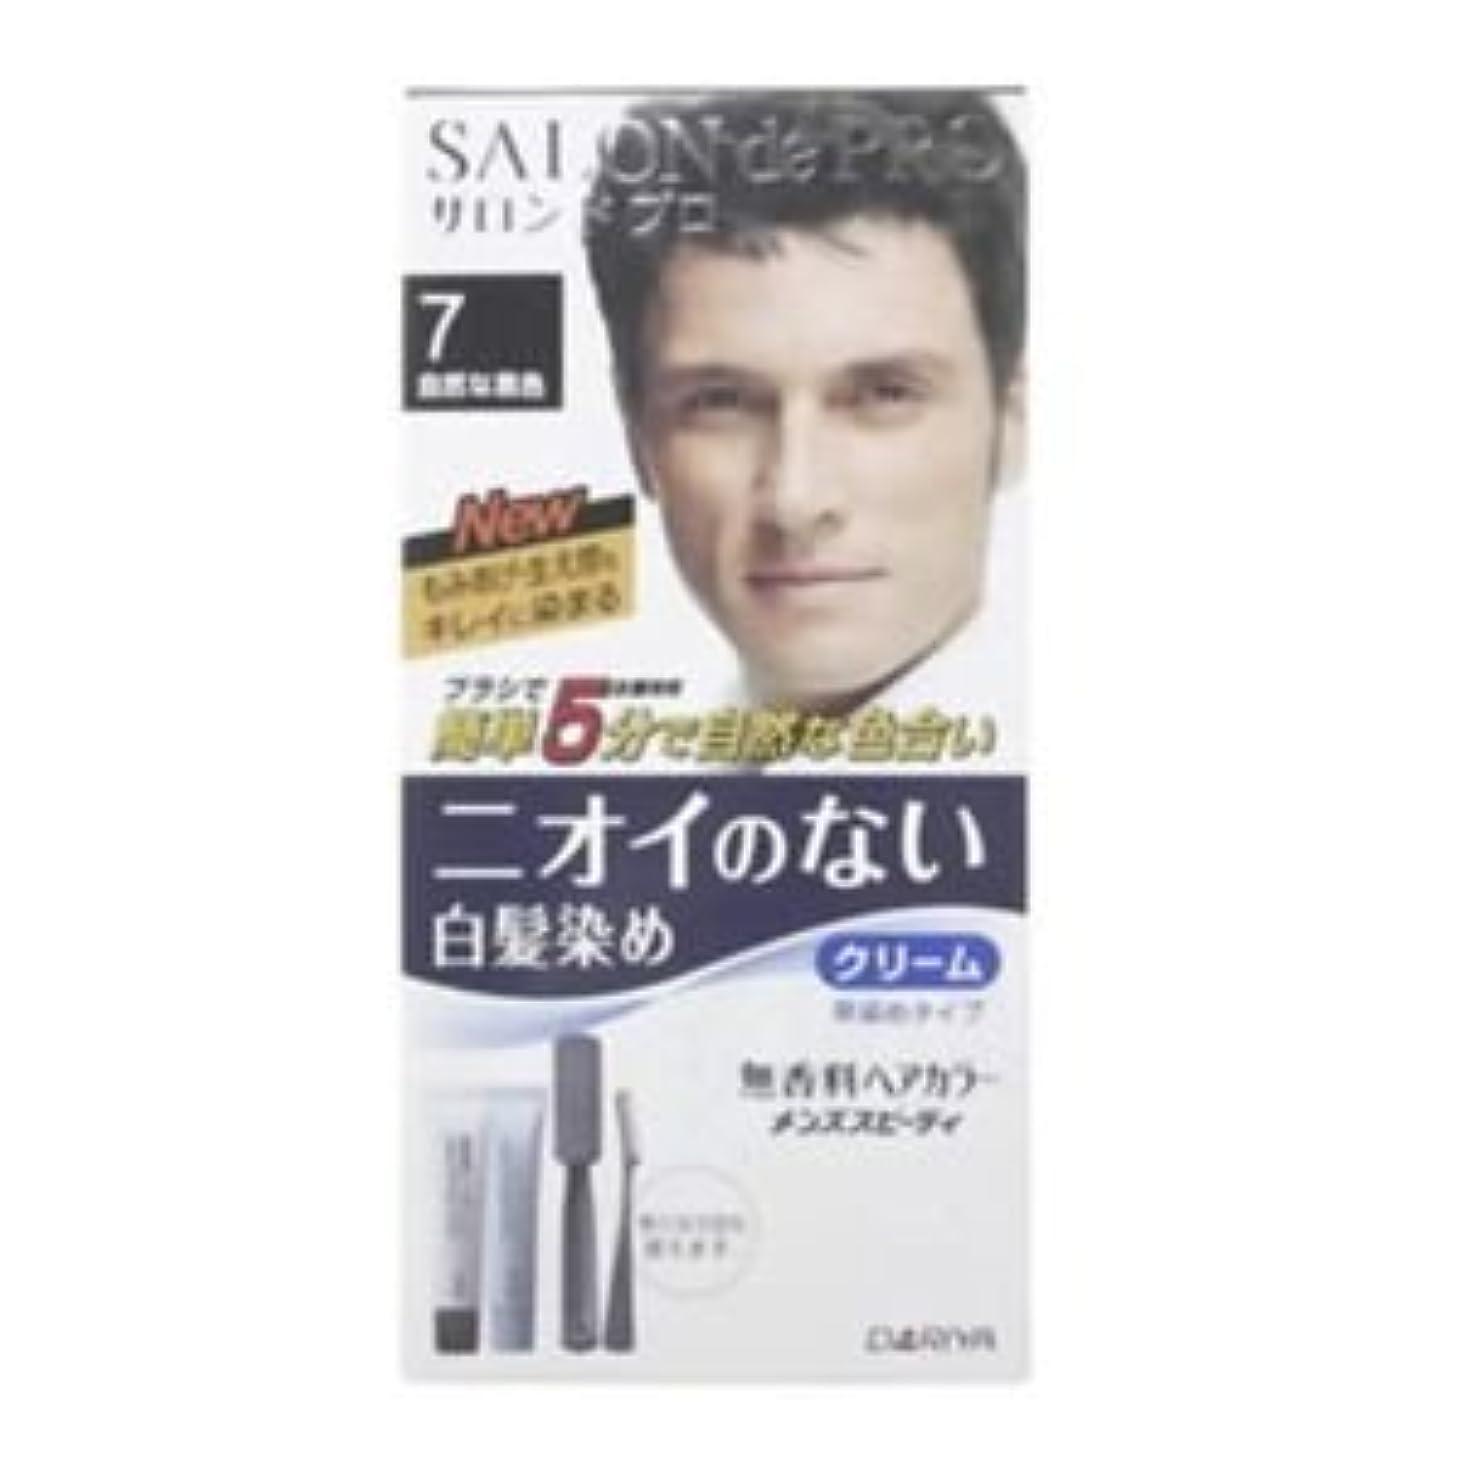 樫の木歯痛クラウドサロンドプロ 無香料ヘアカラー メンズスピーディ (自然な黒色) 4セット